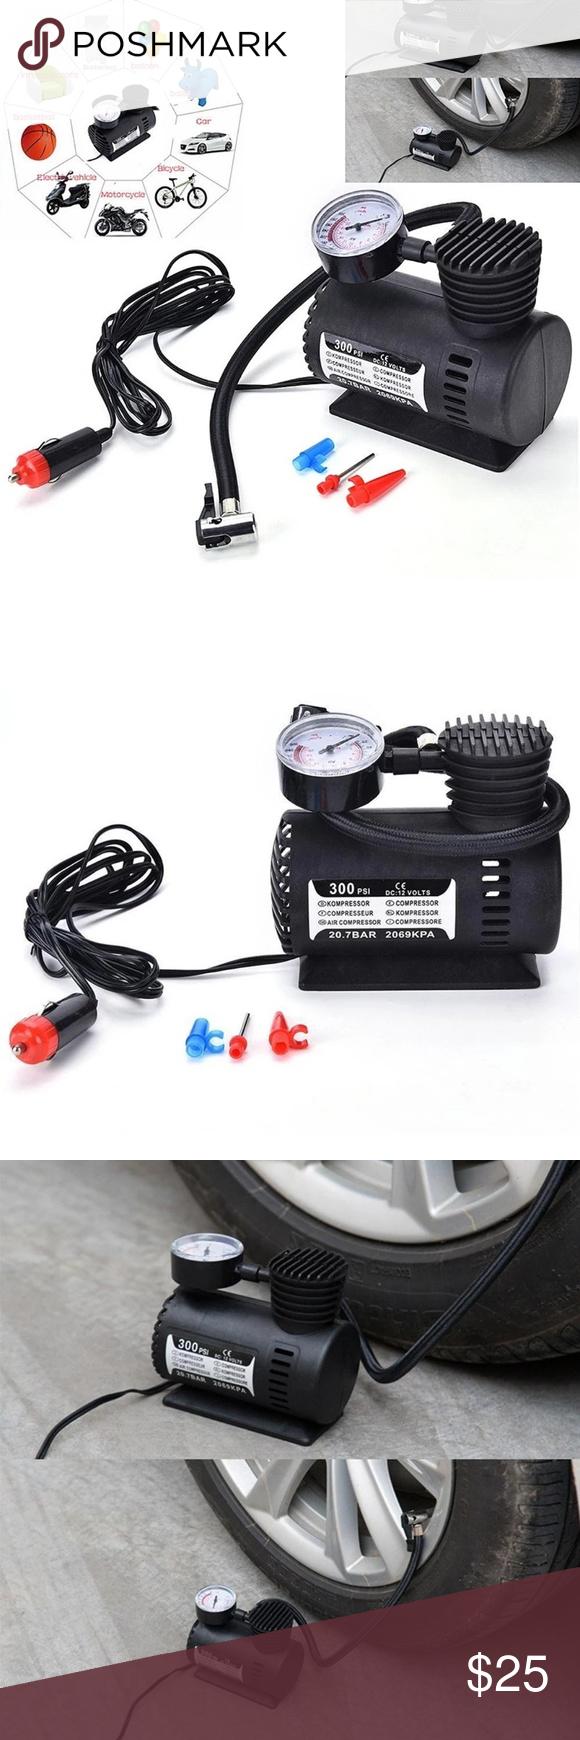 Portable Mini Air Compressor Compressor, Pumping car